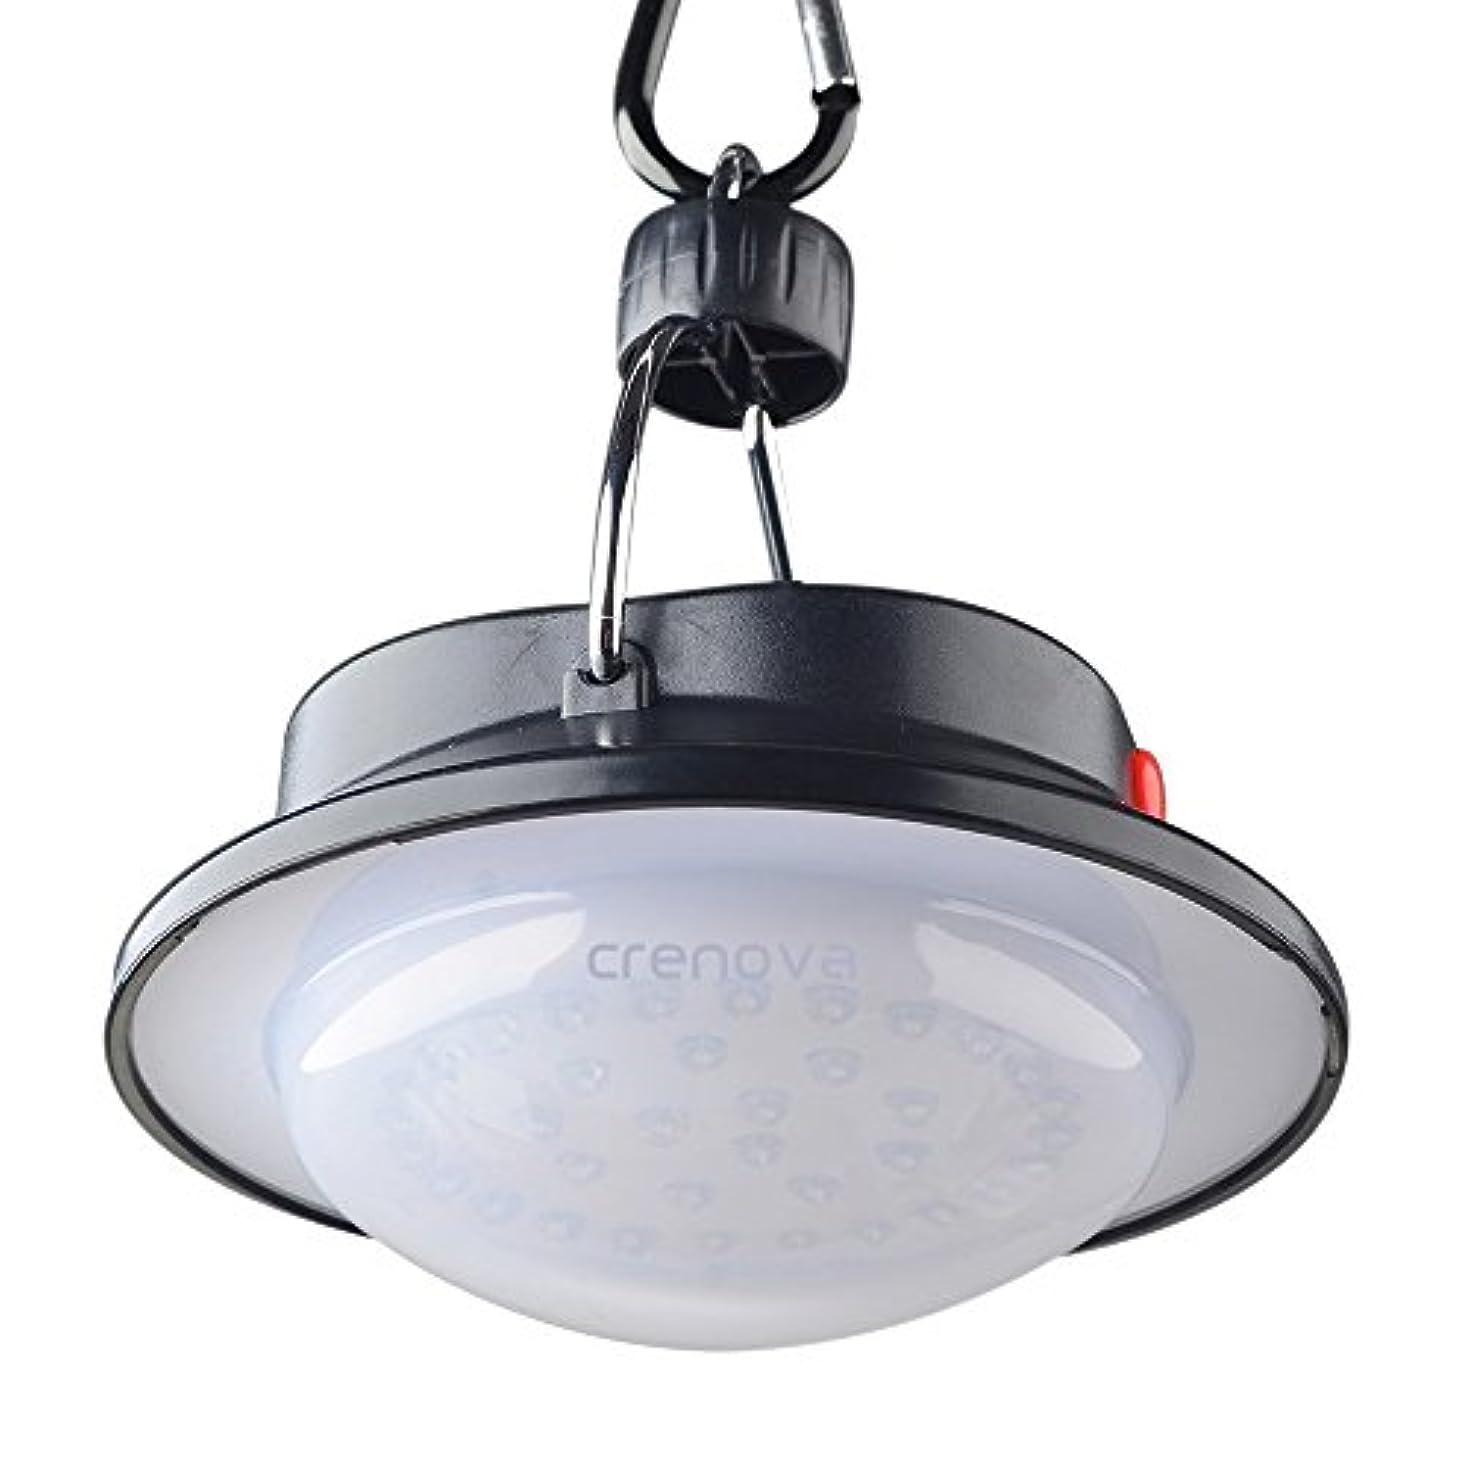 叫び声作り上げる生態学Crenova 携帯型 LEDランプ キャンプ用ライト高輝度60 LED搭載 3段階調光 LEDランタン アウトドアスポットライト